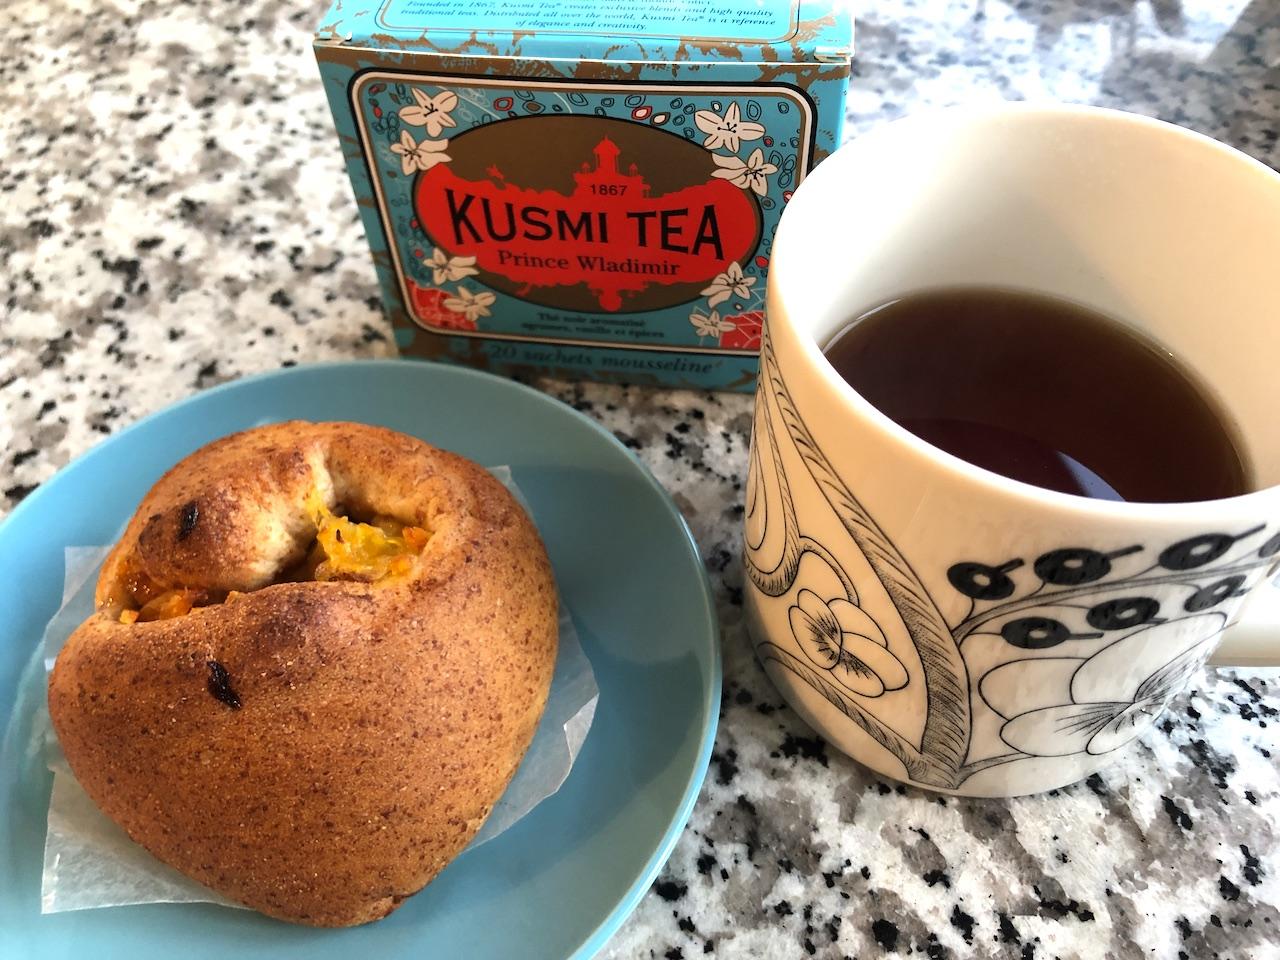 KUSMI TEA(クスミティー) パンとともに